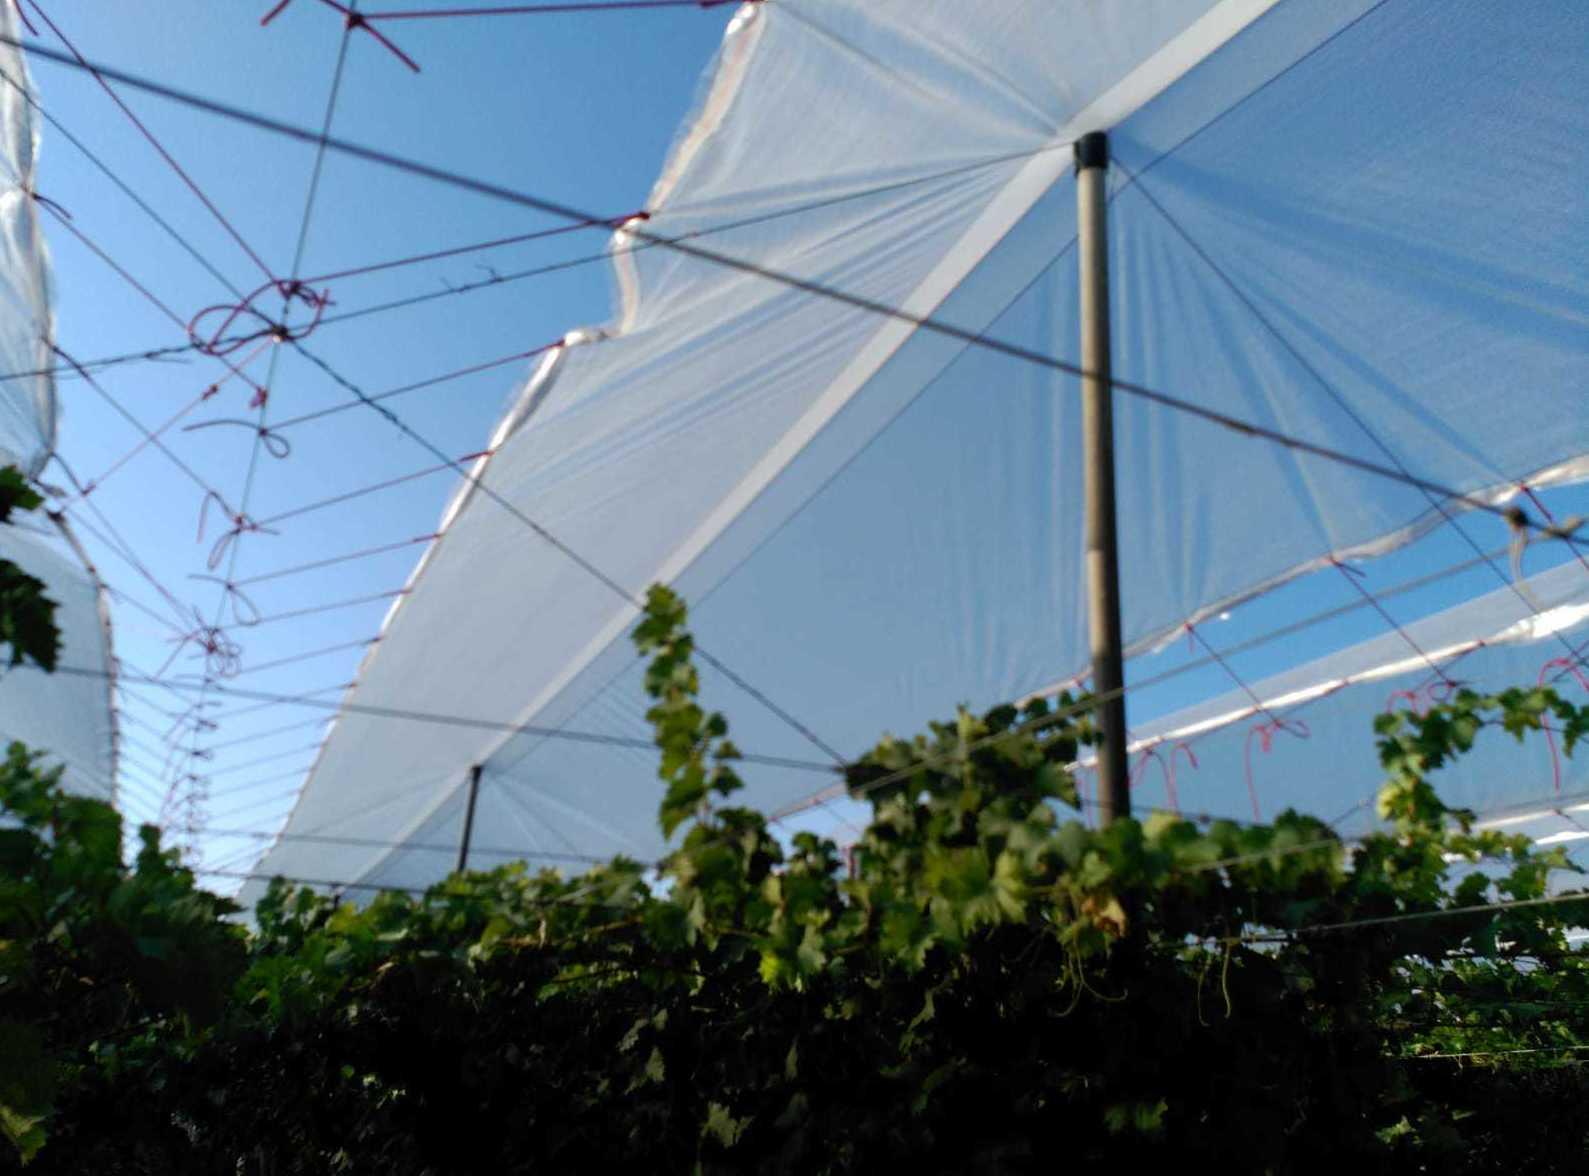 Foto 20 de Infraestructuras y trabajos agrícolas en La Murada – Orihuela | Mantenimiento y Estructuras Agrícolas Mateo e Hijo, S.L.